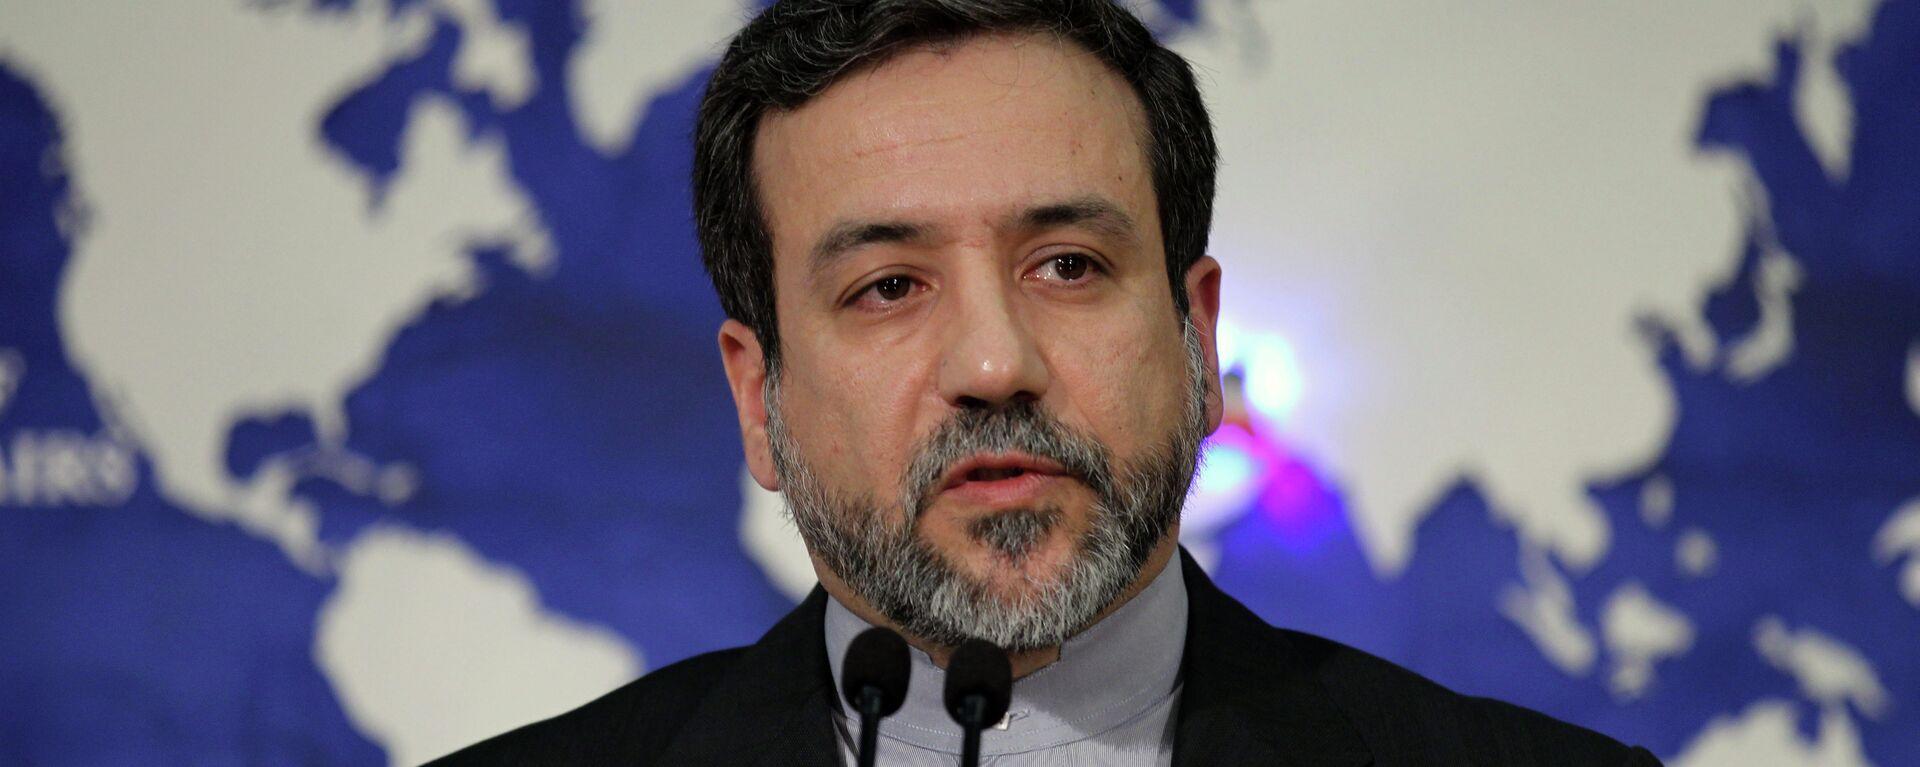 Wiceminister spraw zagranicznych Iranu Abbas Araghchi - Sputnik Polska, 1920, 21.06.2021